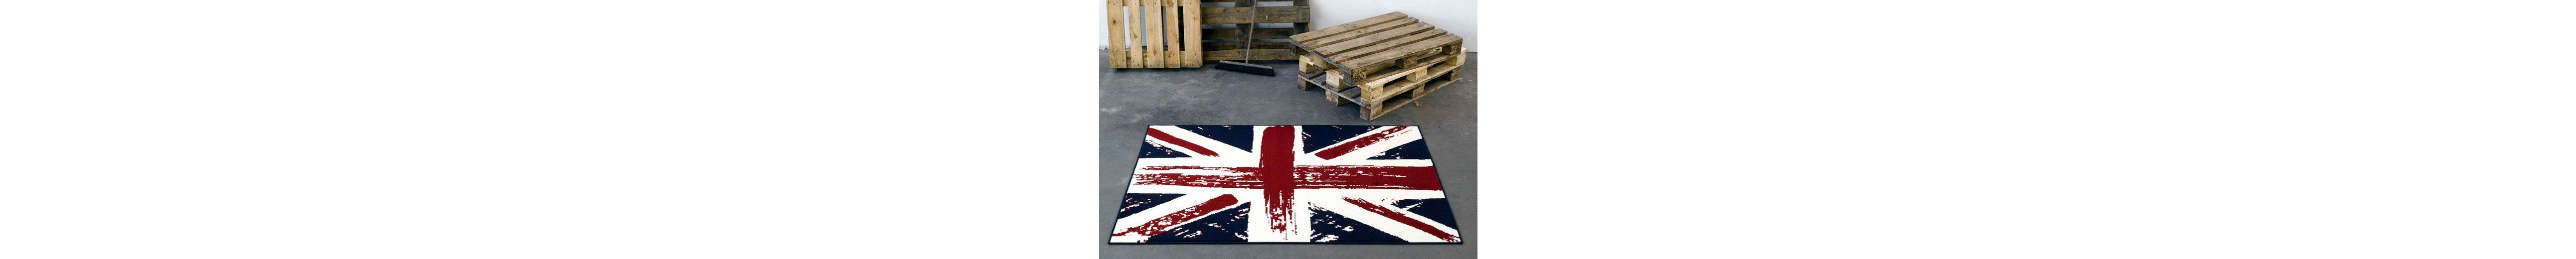 Design-Teppich, Hanse Home, »Union Jack Vintage«, gewebt, modern, Motiv-Druck